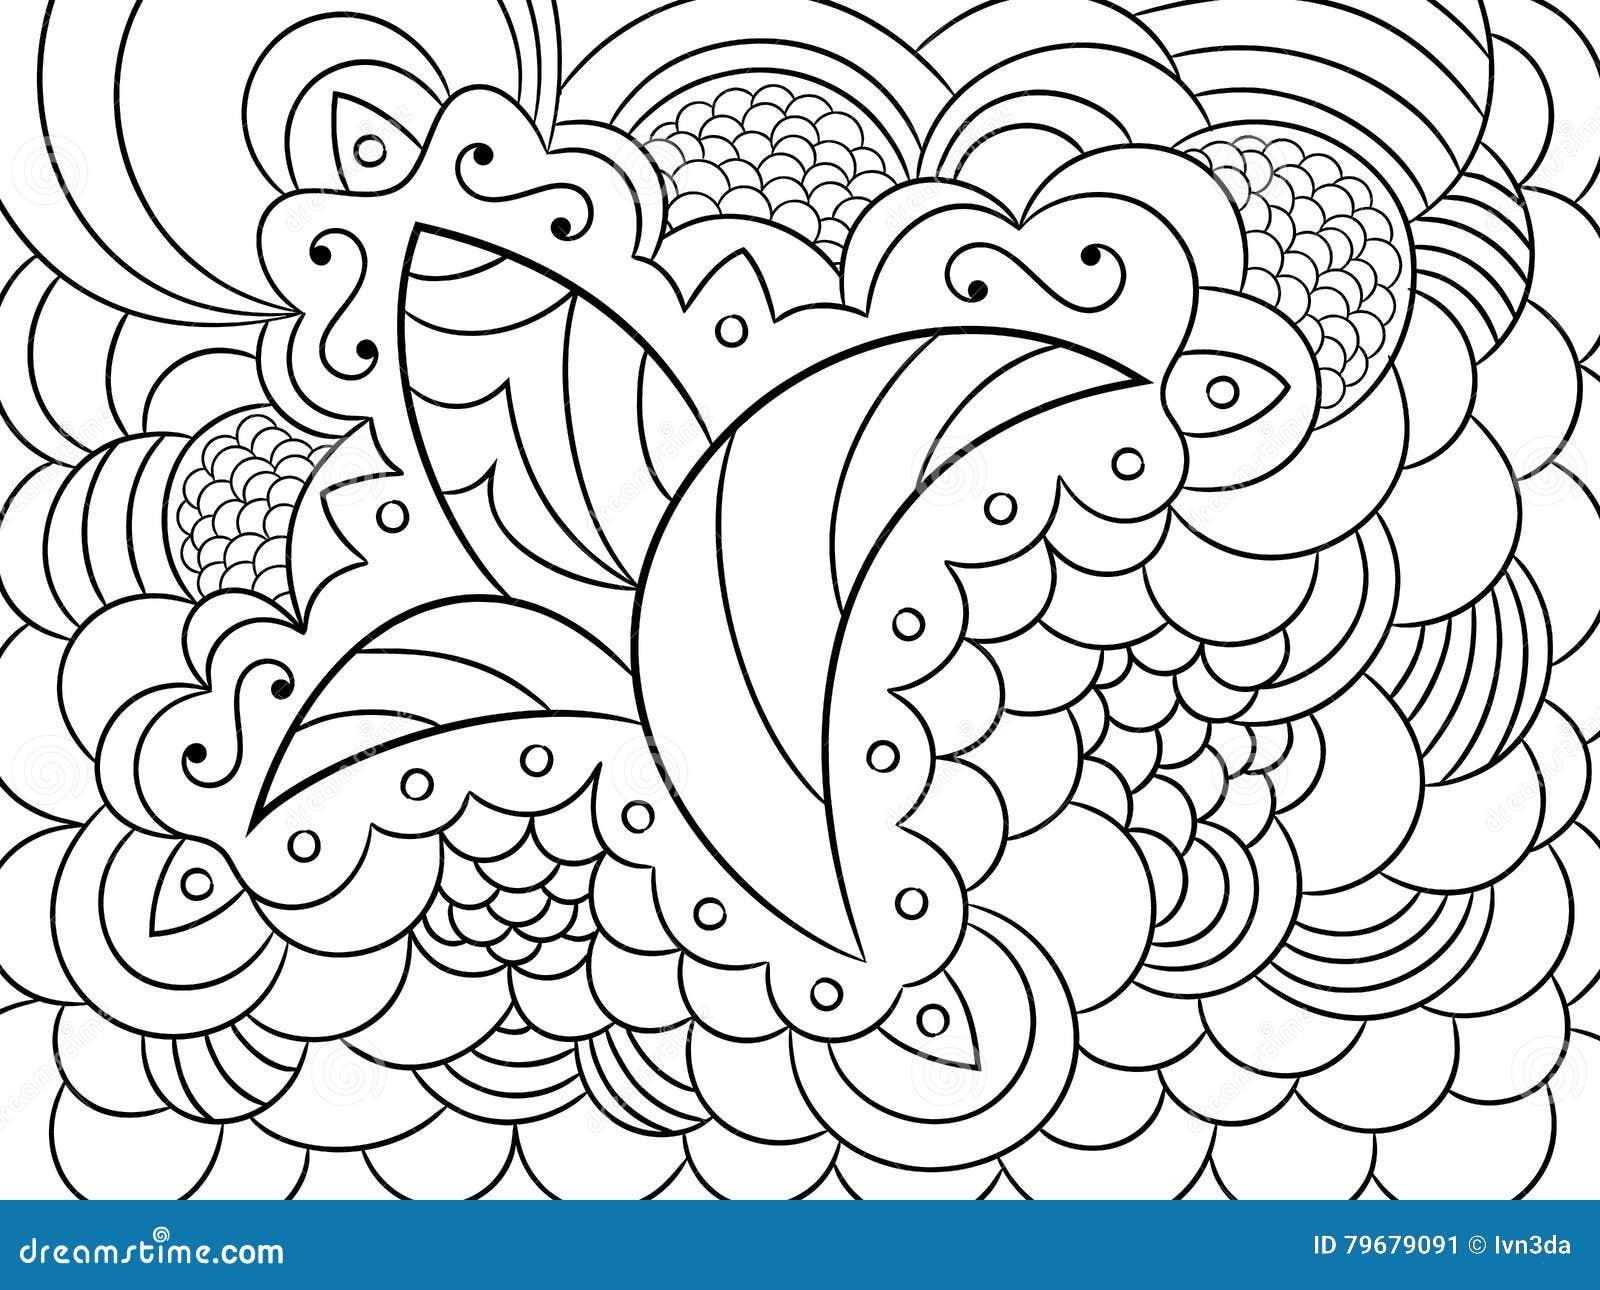 Coloriage Adulte Vegetation.Croquis Avec Les Articles Abstraits Floraux De Vegetation Et De